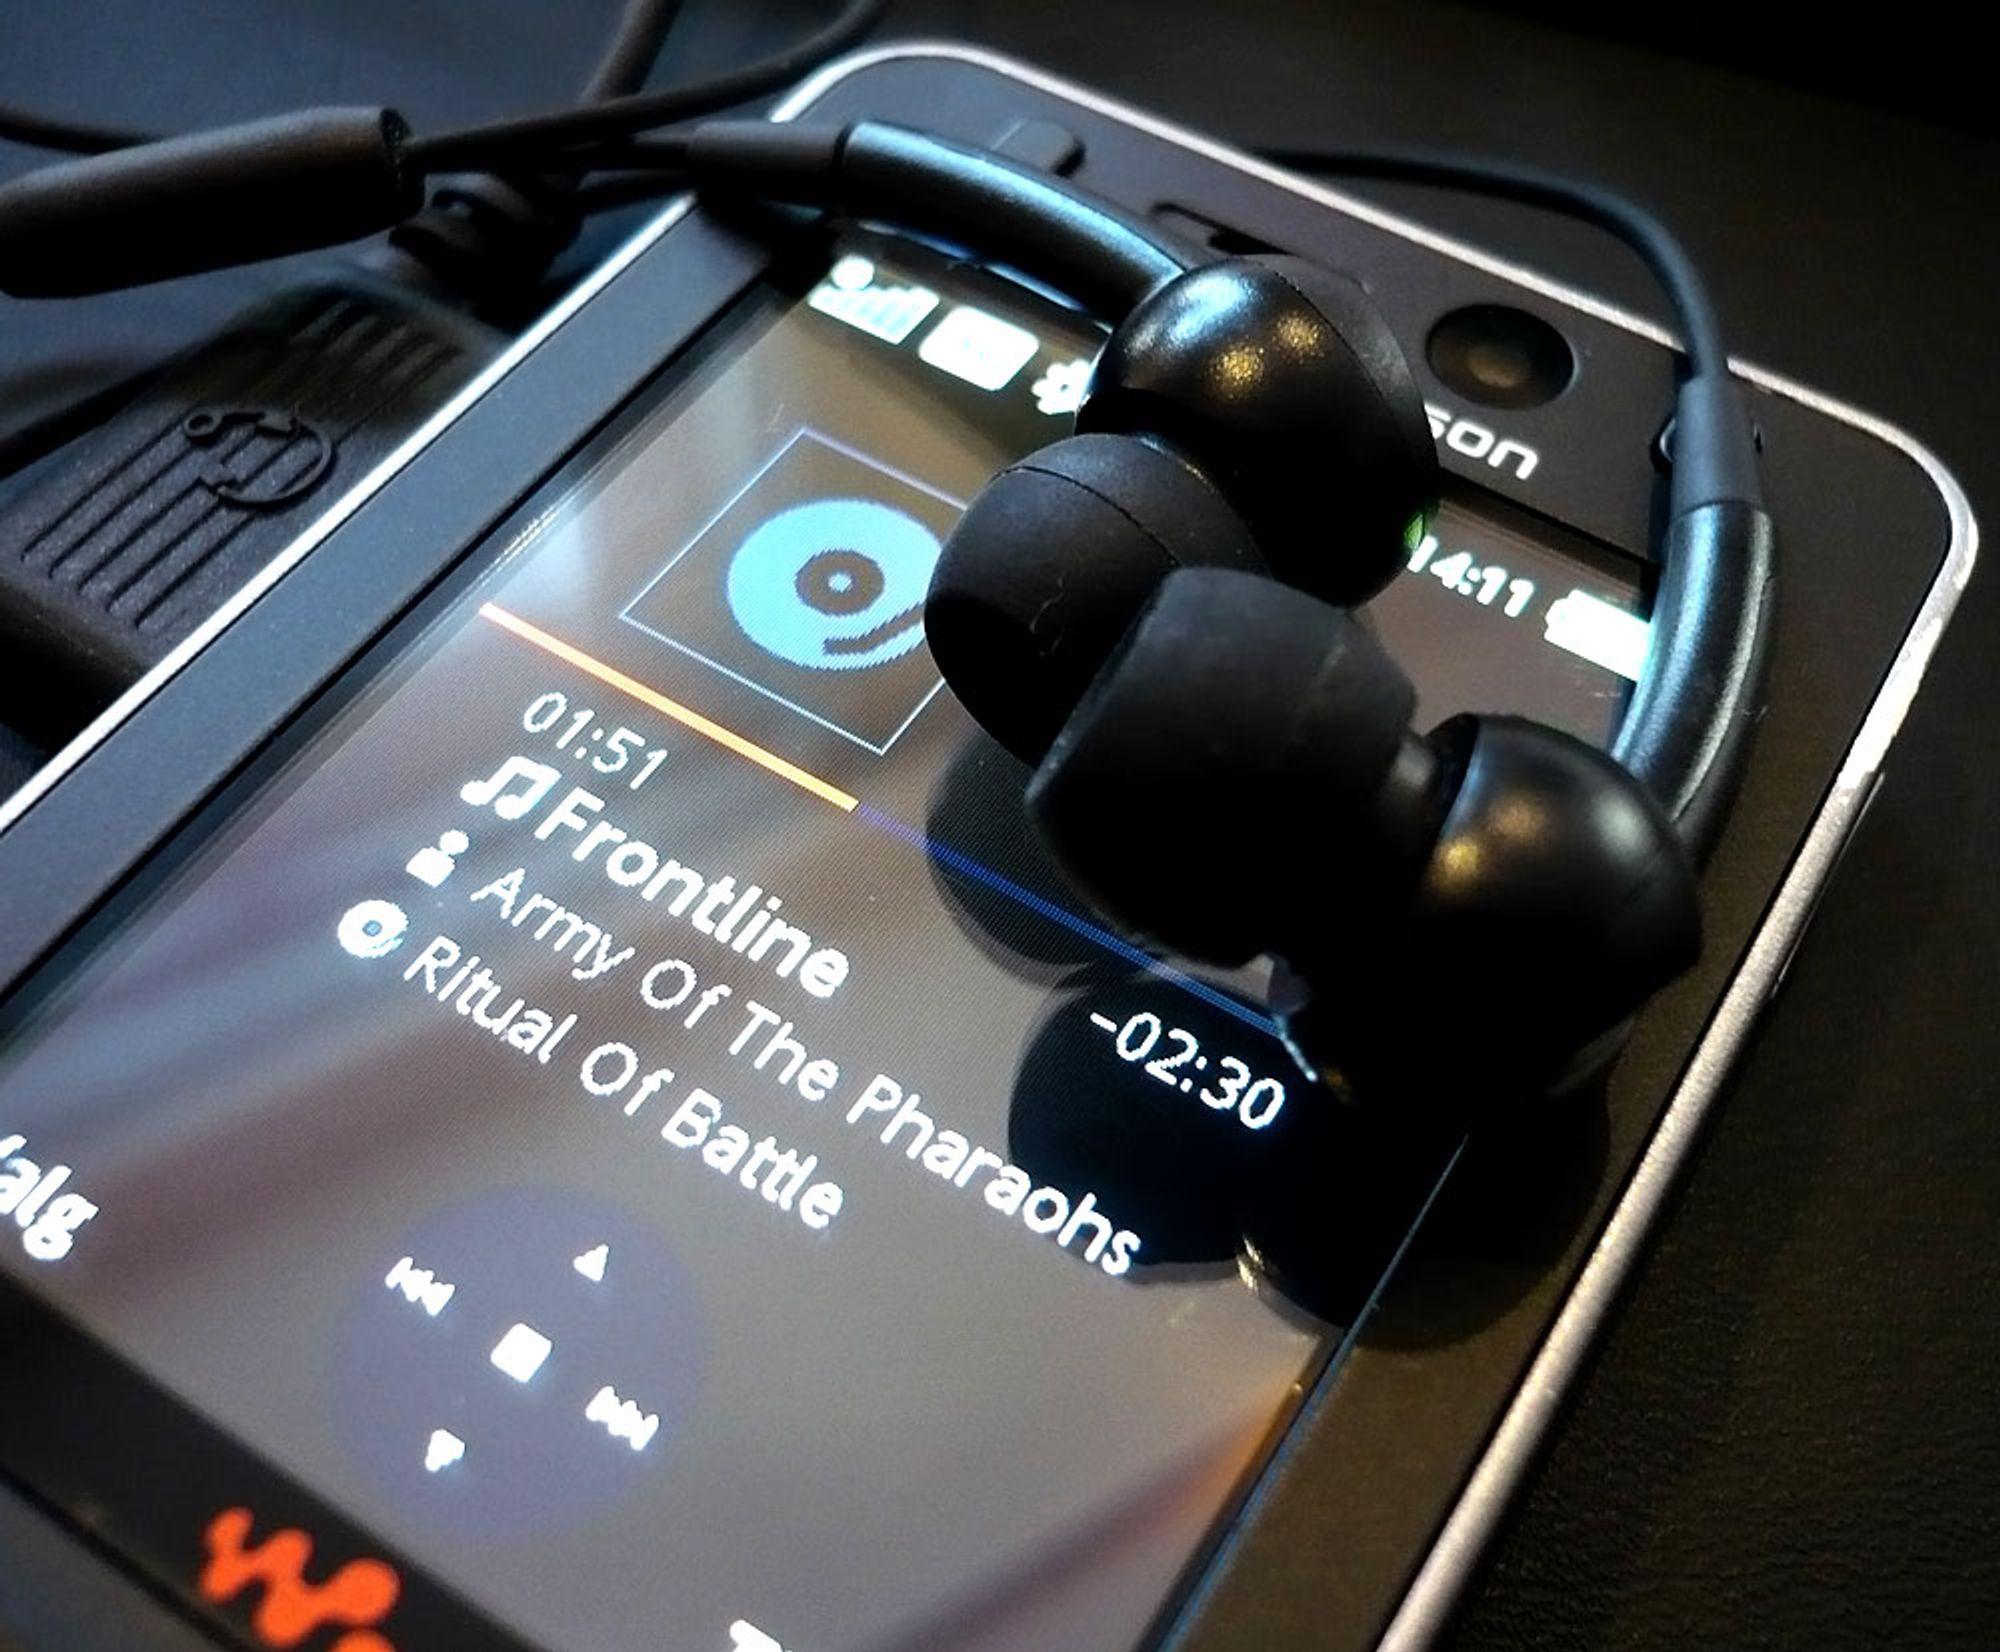 Sony Ericsson W910i: Caractersticas y Opiniones